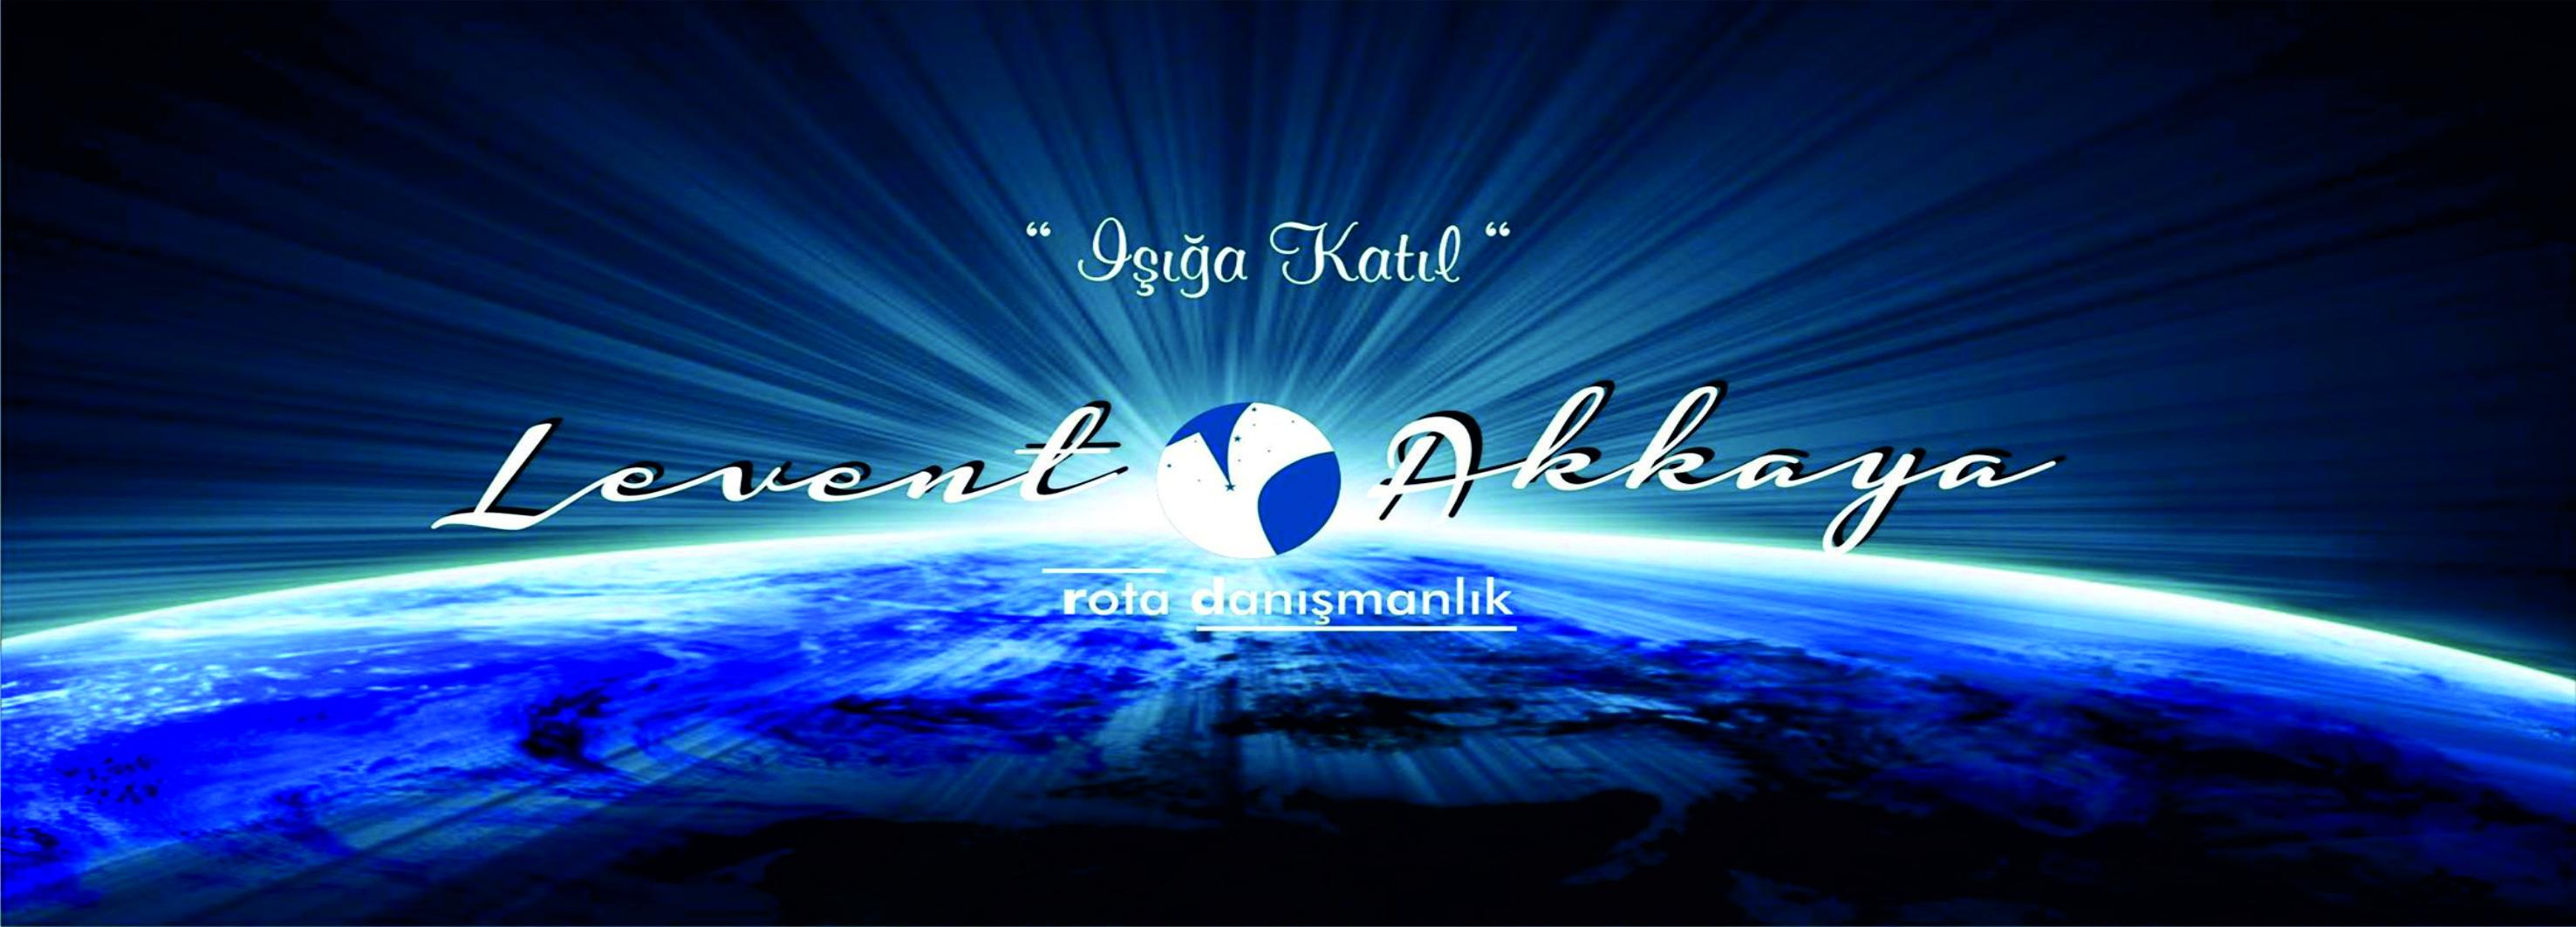 leventakkaya.net.tr